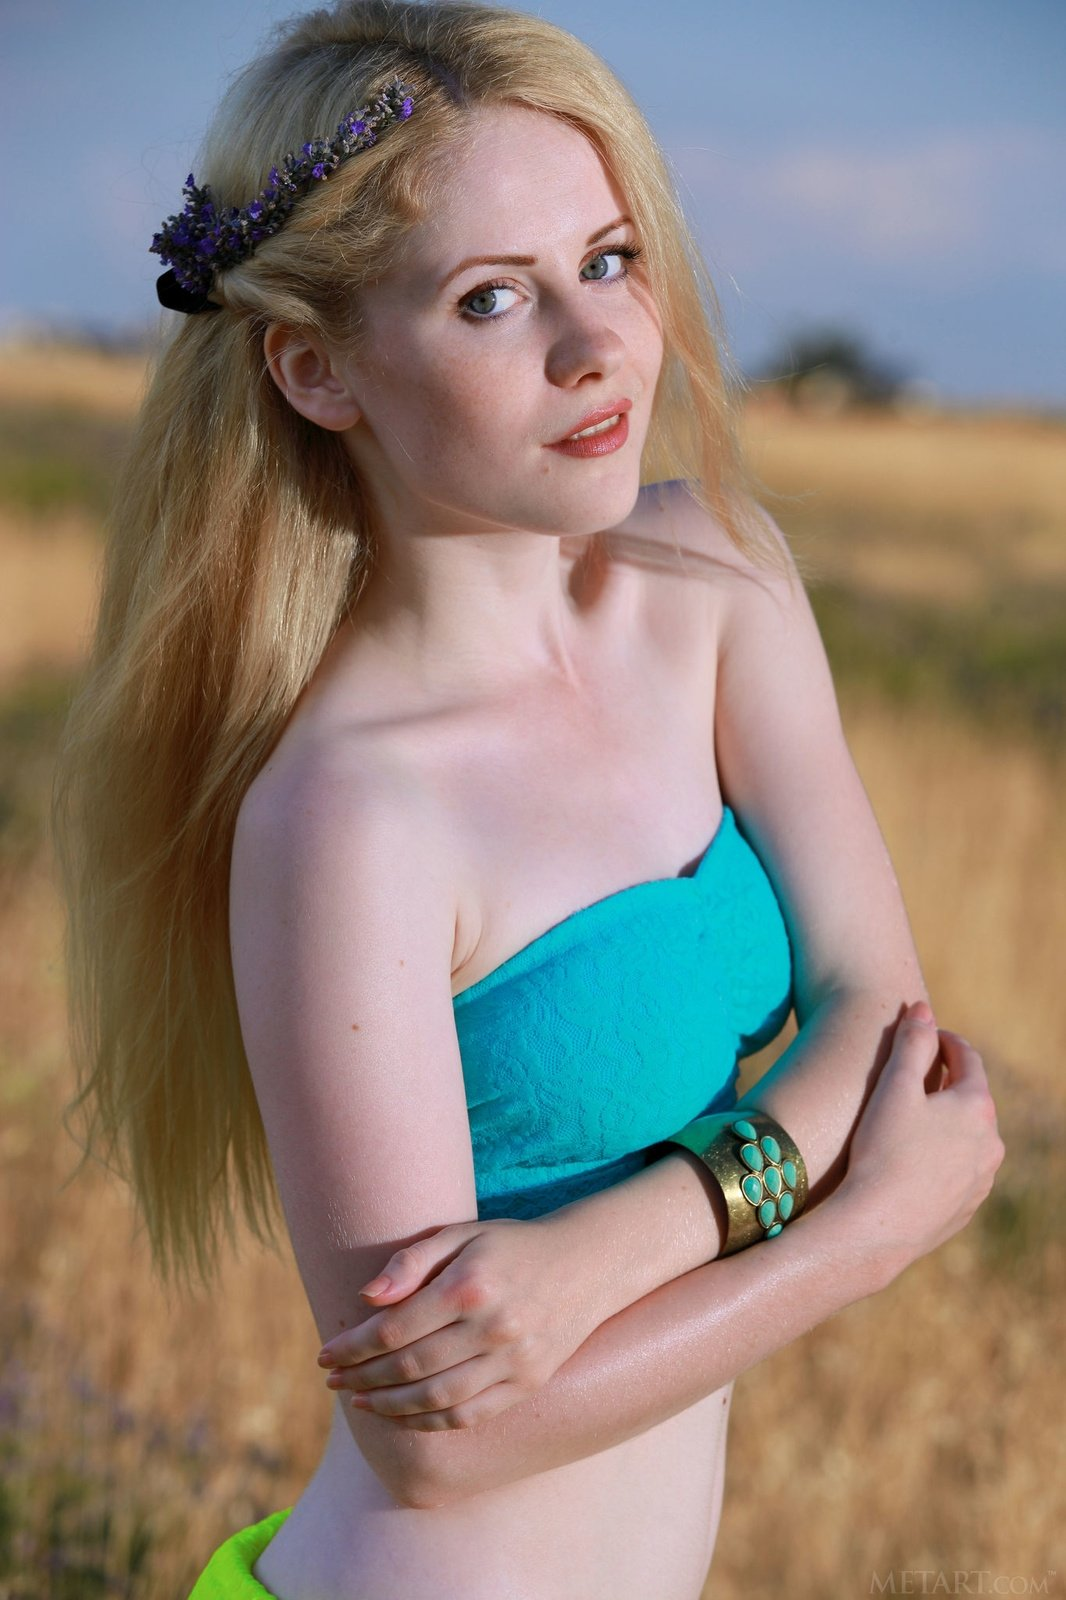 Блондинка обнажилась в чистом поле